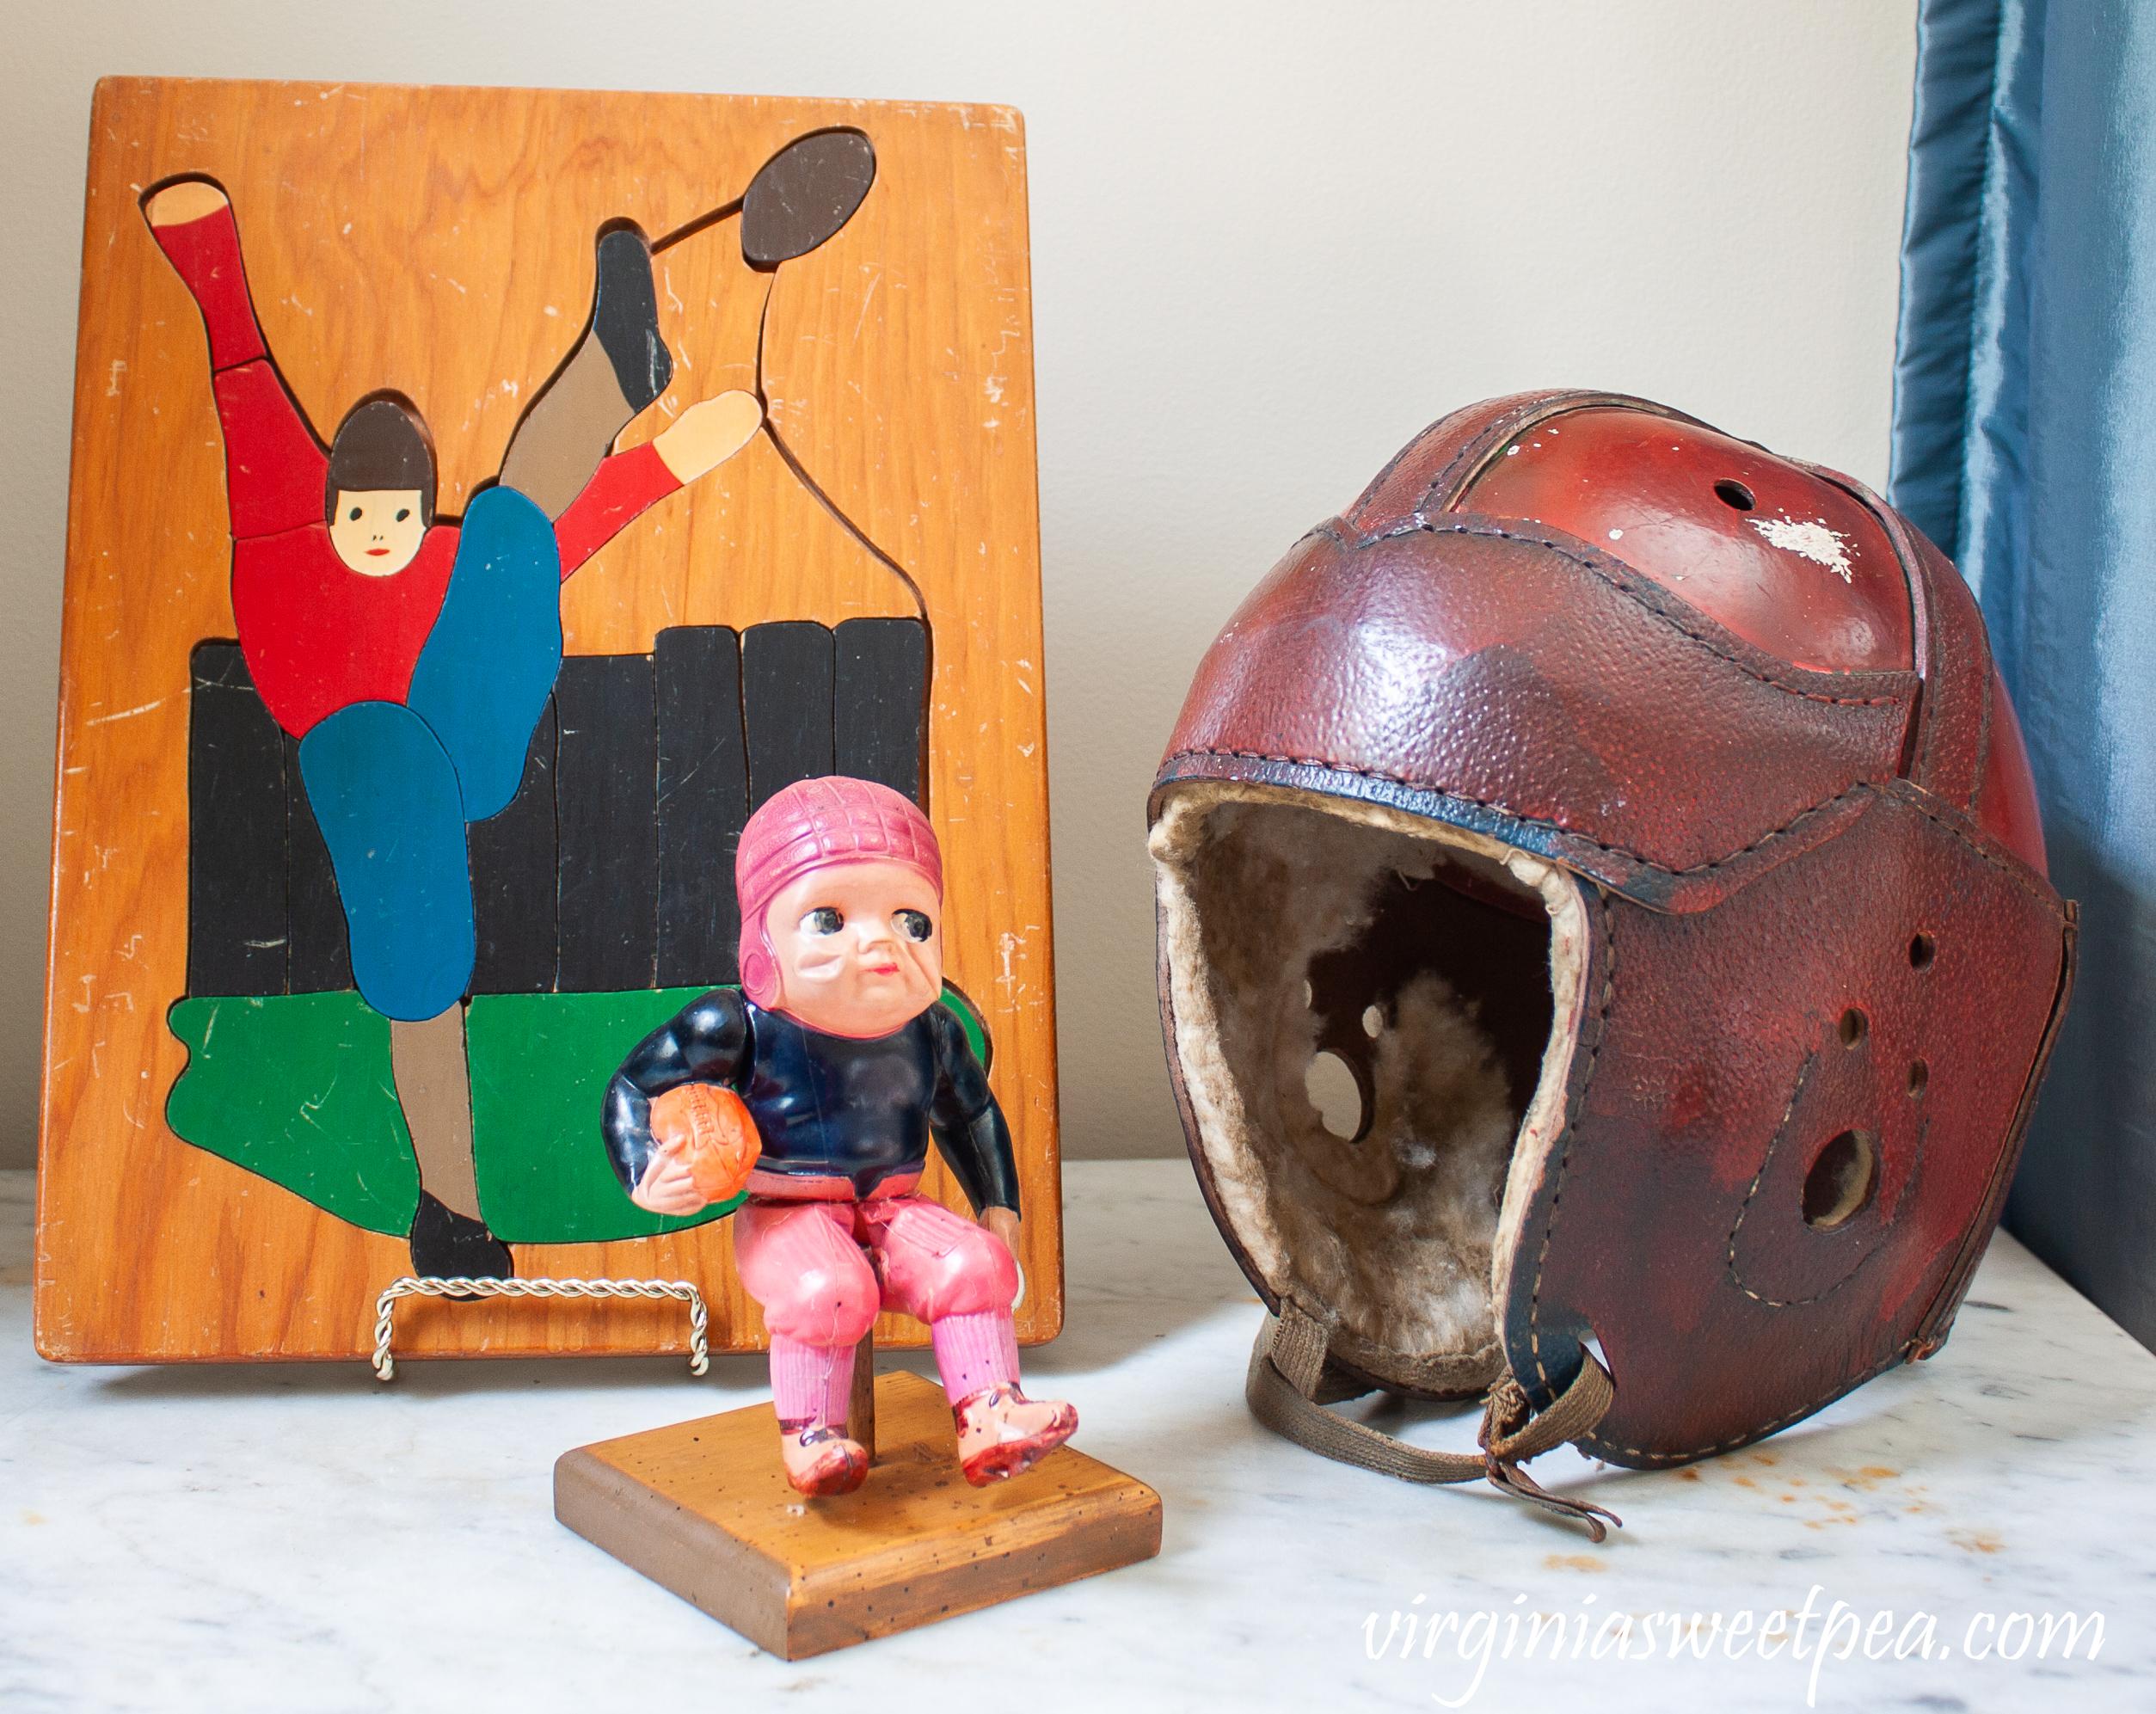 Vintage football vignette with a 1940's football puzzle, 100 year old football toy, and a vintage football helmet